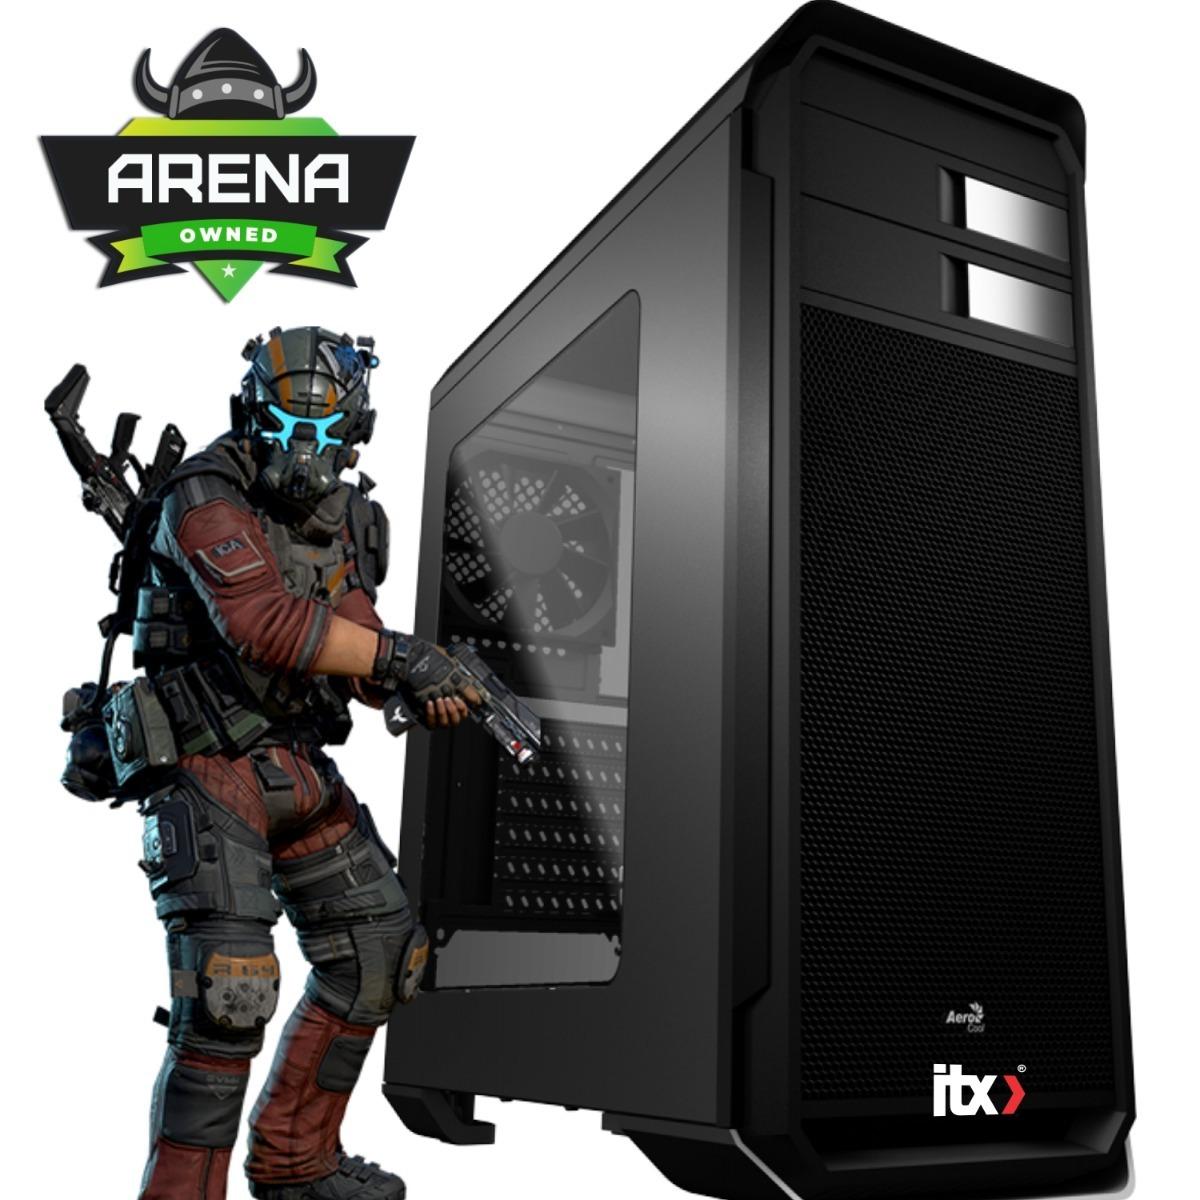 Pc Itx Gamer I7 8700 (gtx 1060 3gb) 8gb/ 1tb / Aero-500